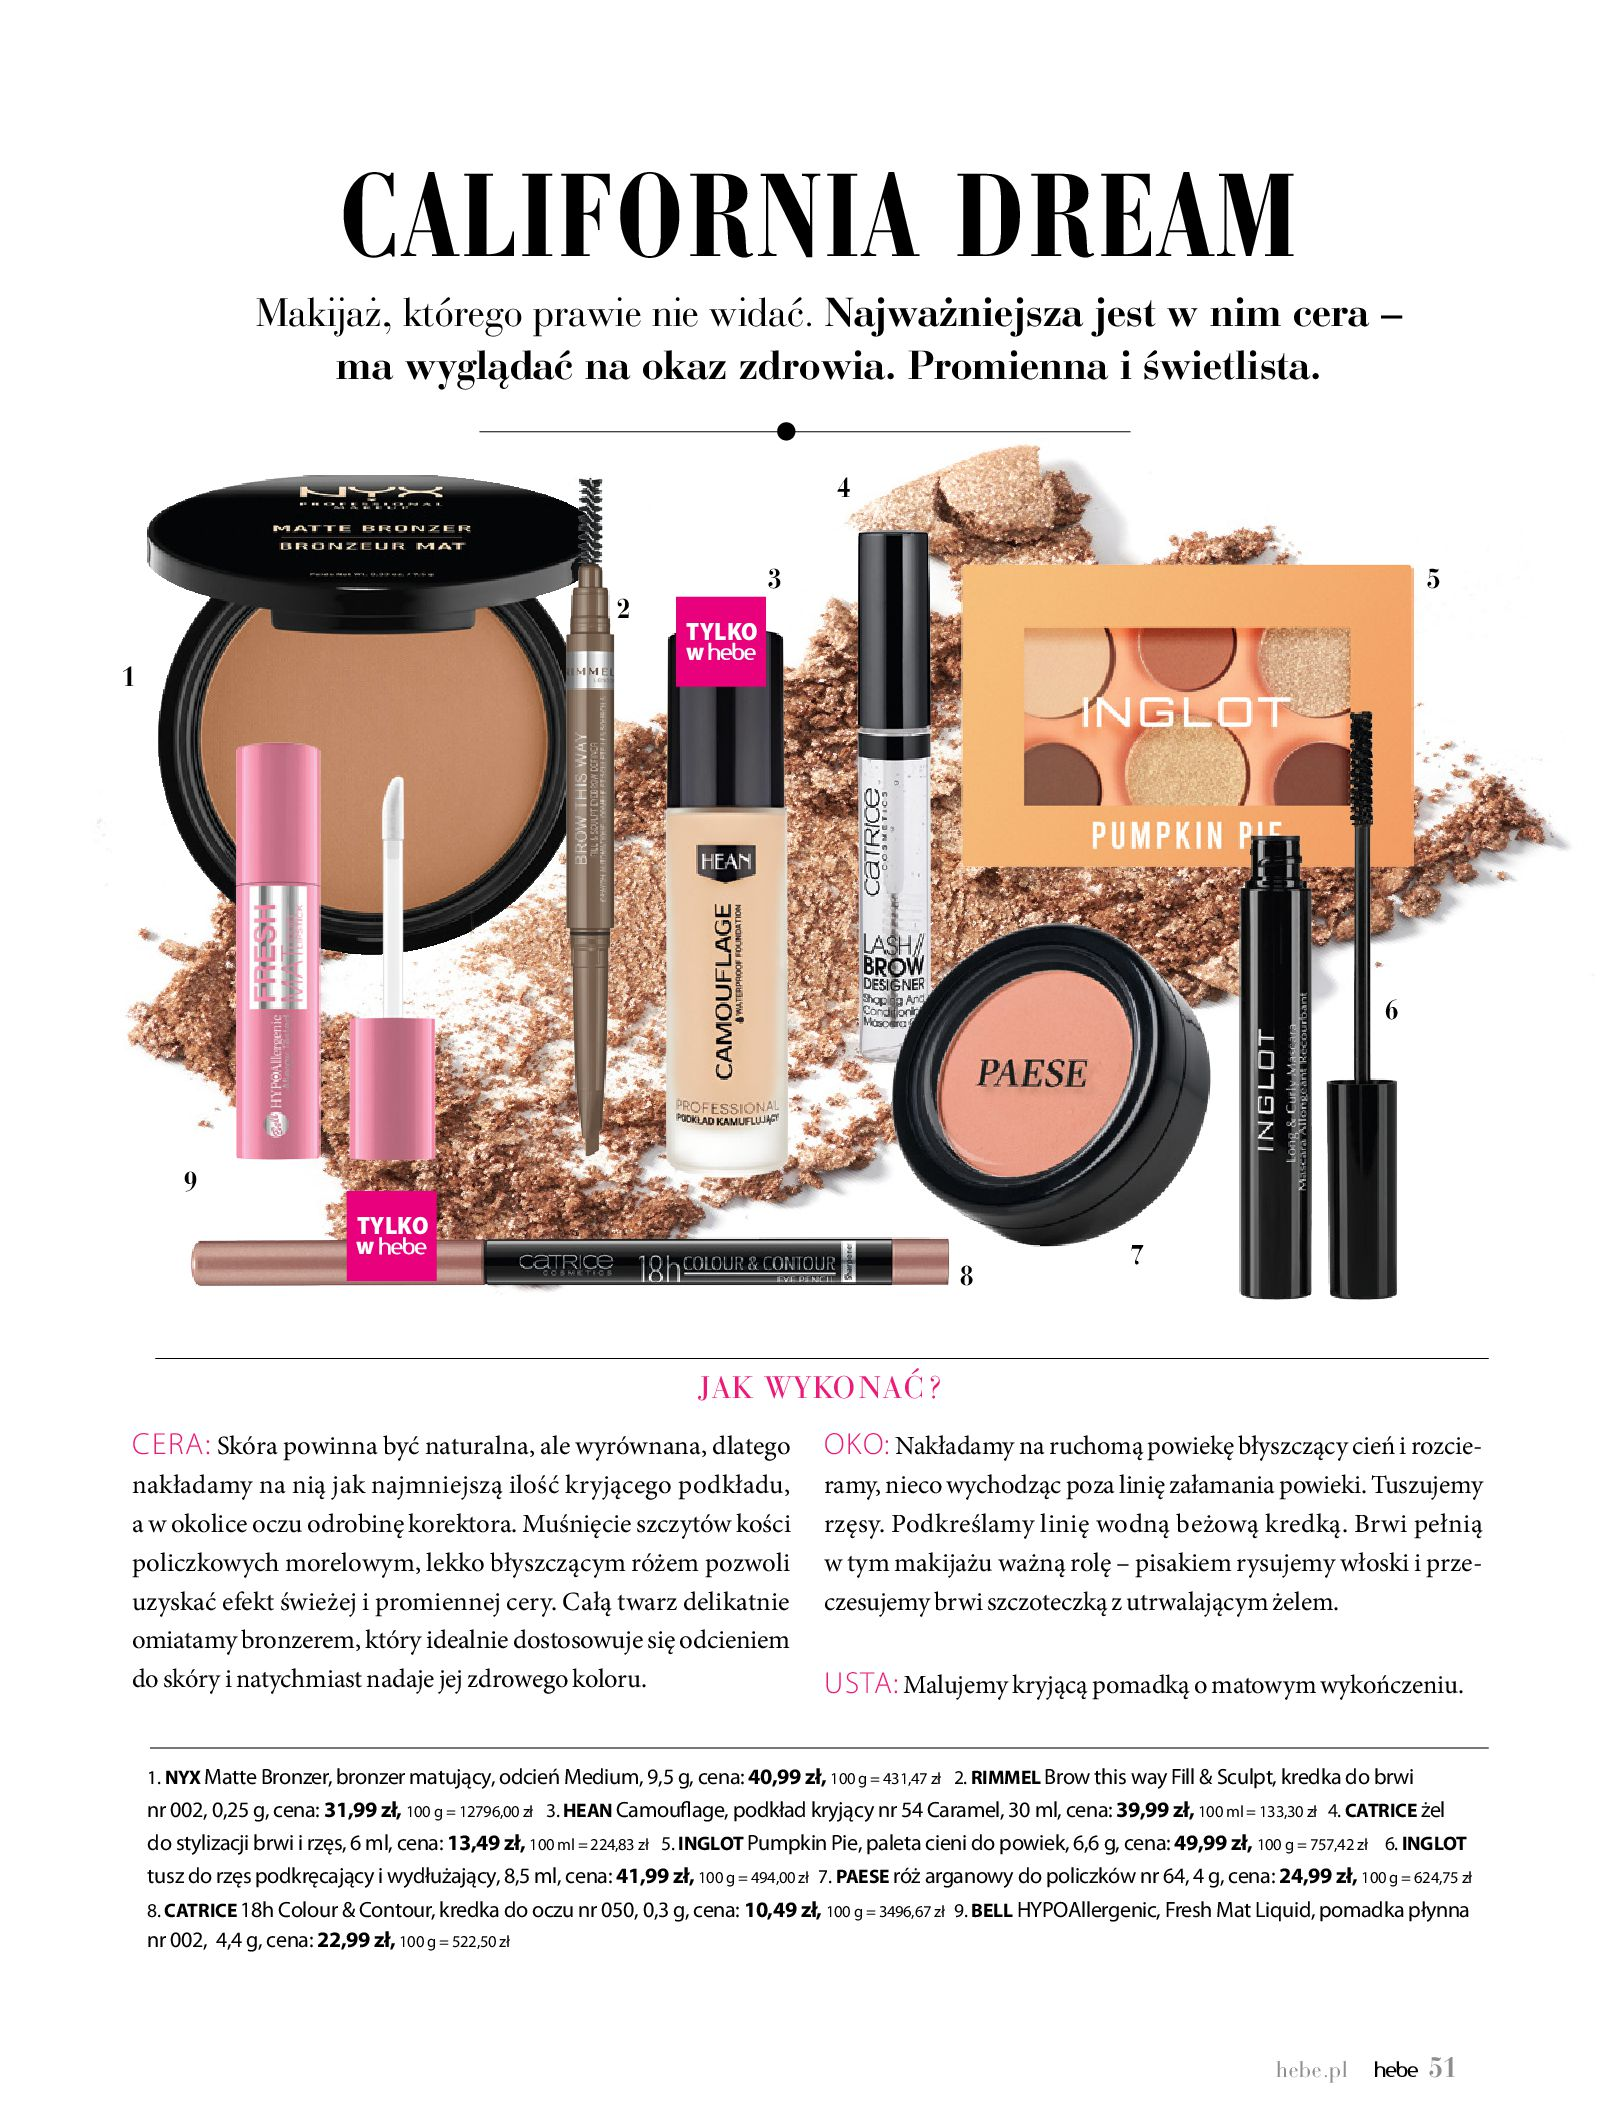 Gazetka hebe: Gazetka Hebe - Magazyn  2021-05-01 page-51